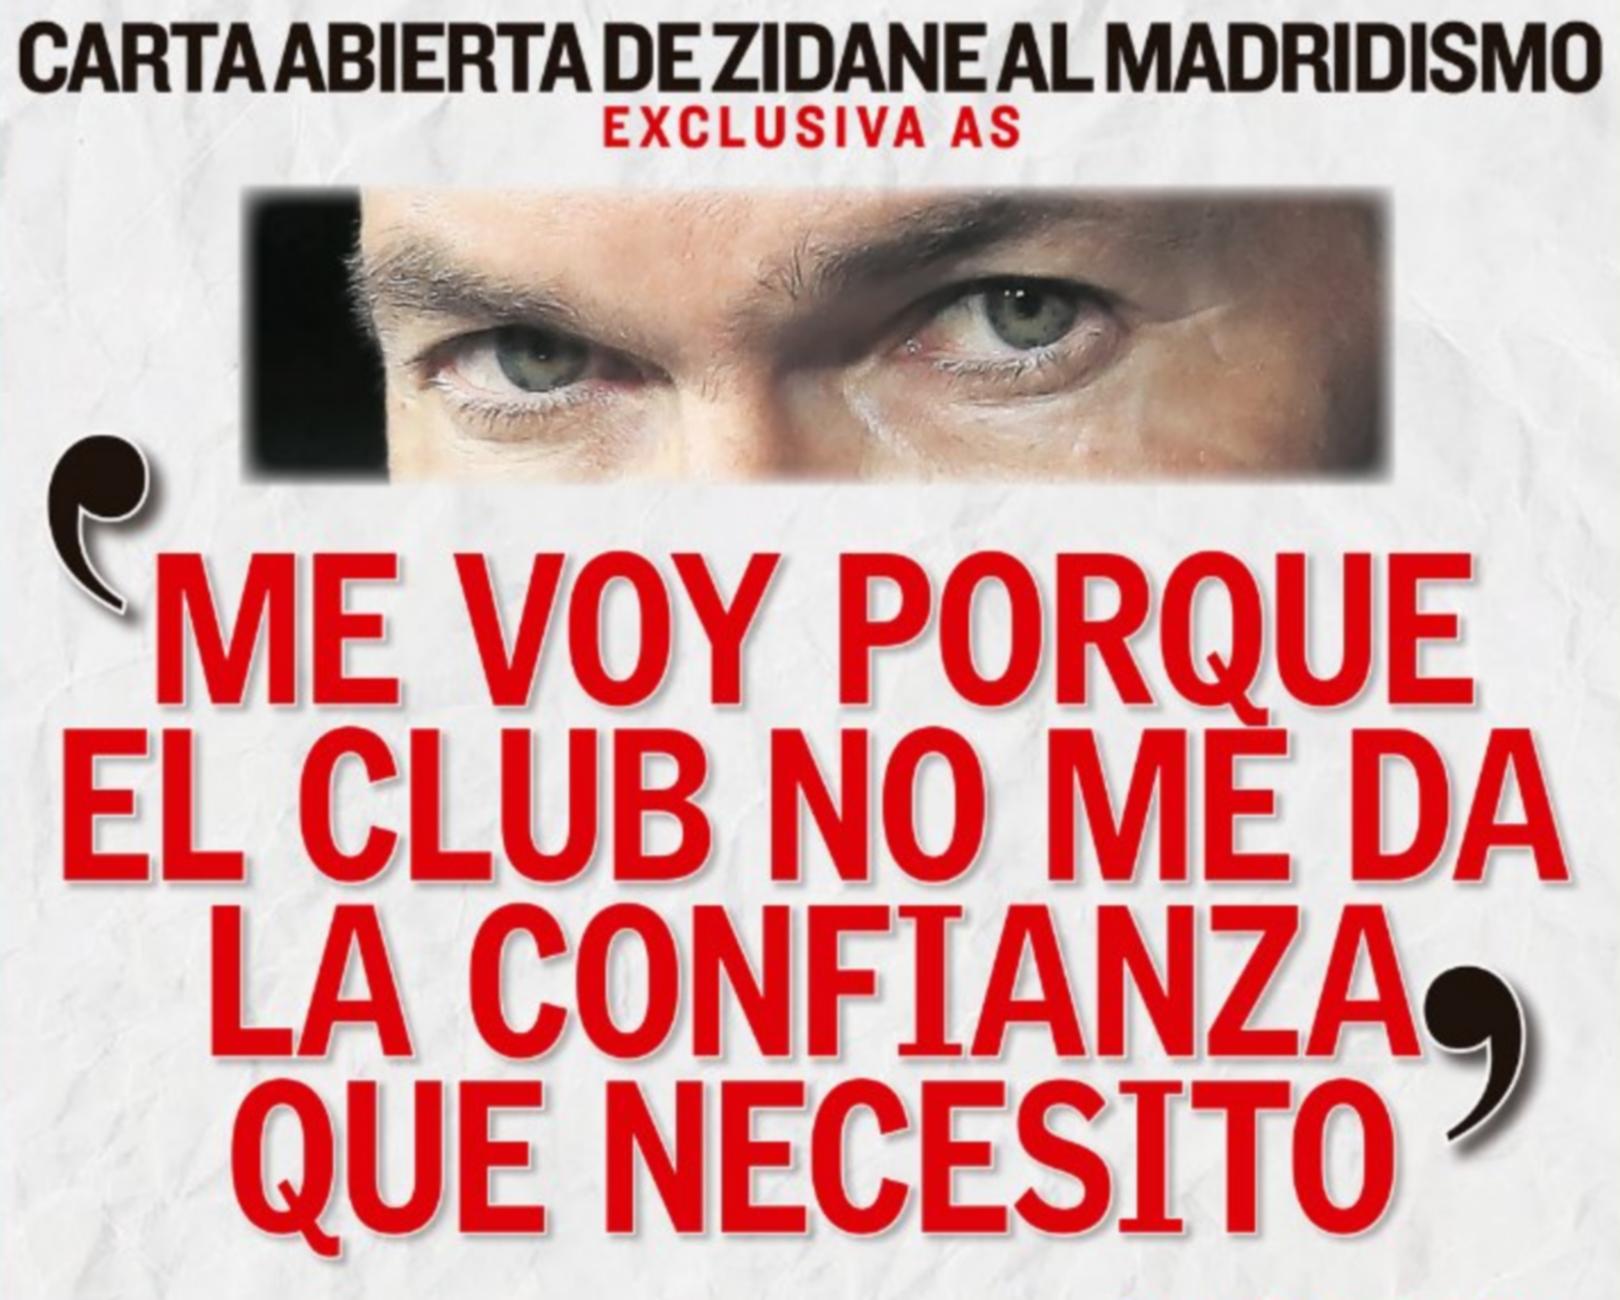 Ρεάλ Μαδρίτης: Αιχμές από τον Ζιντάν για την αποχώρησή του